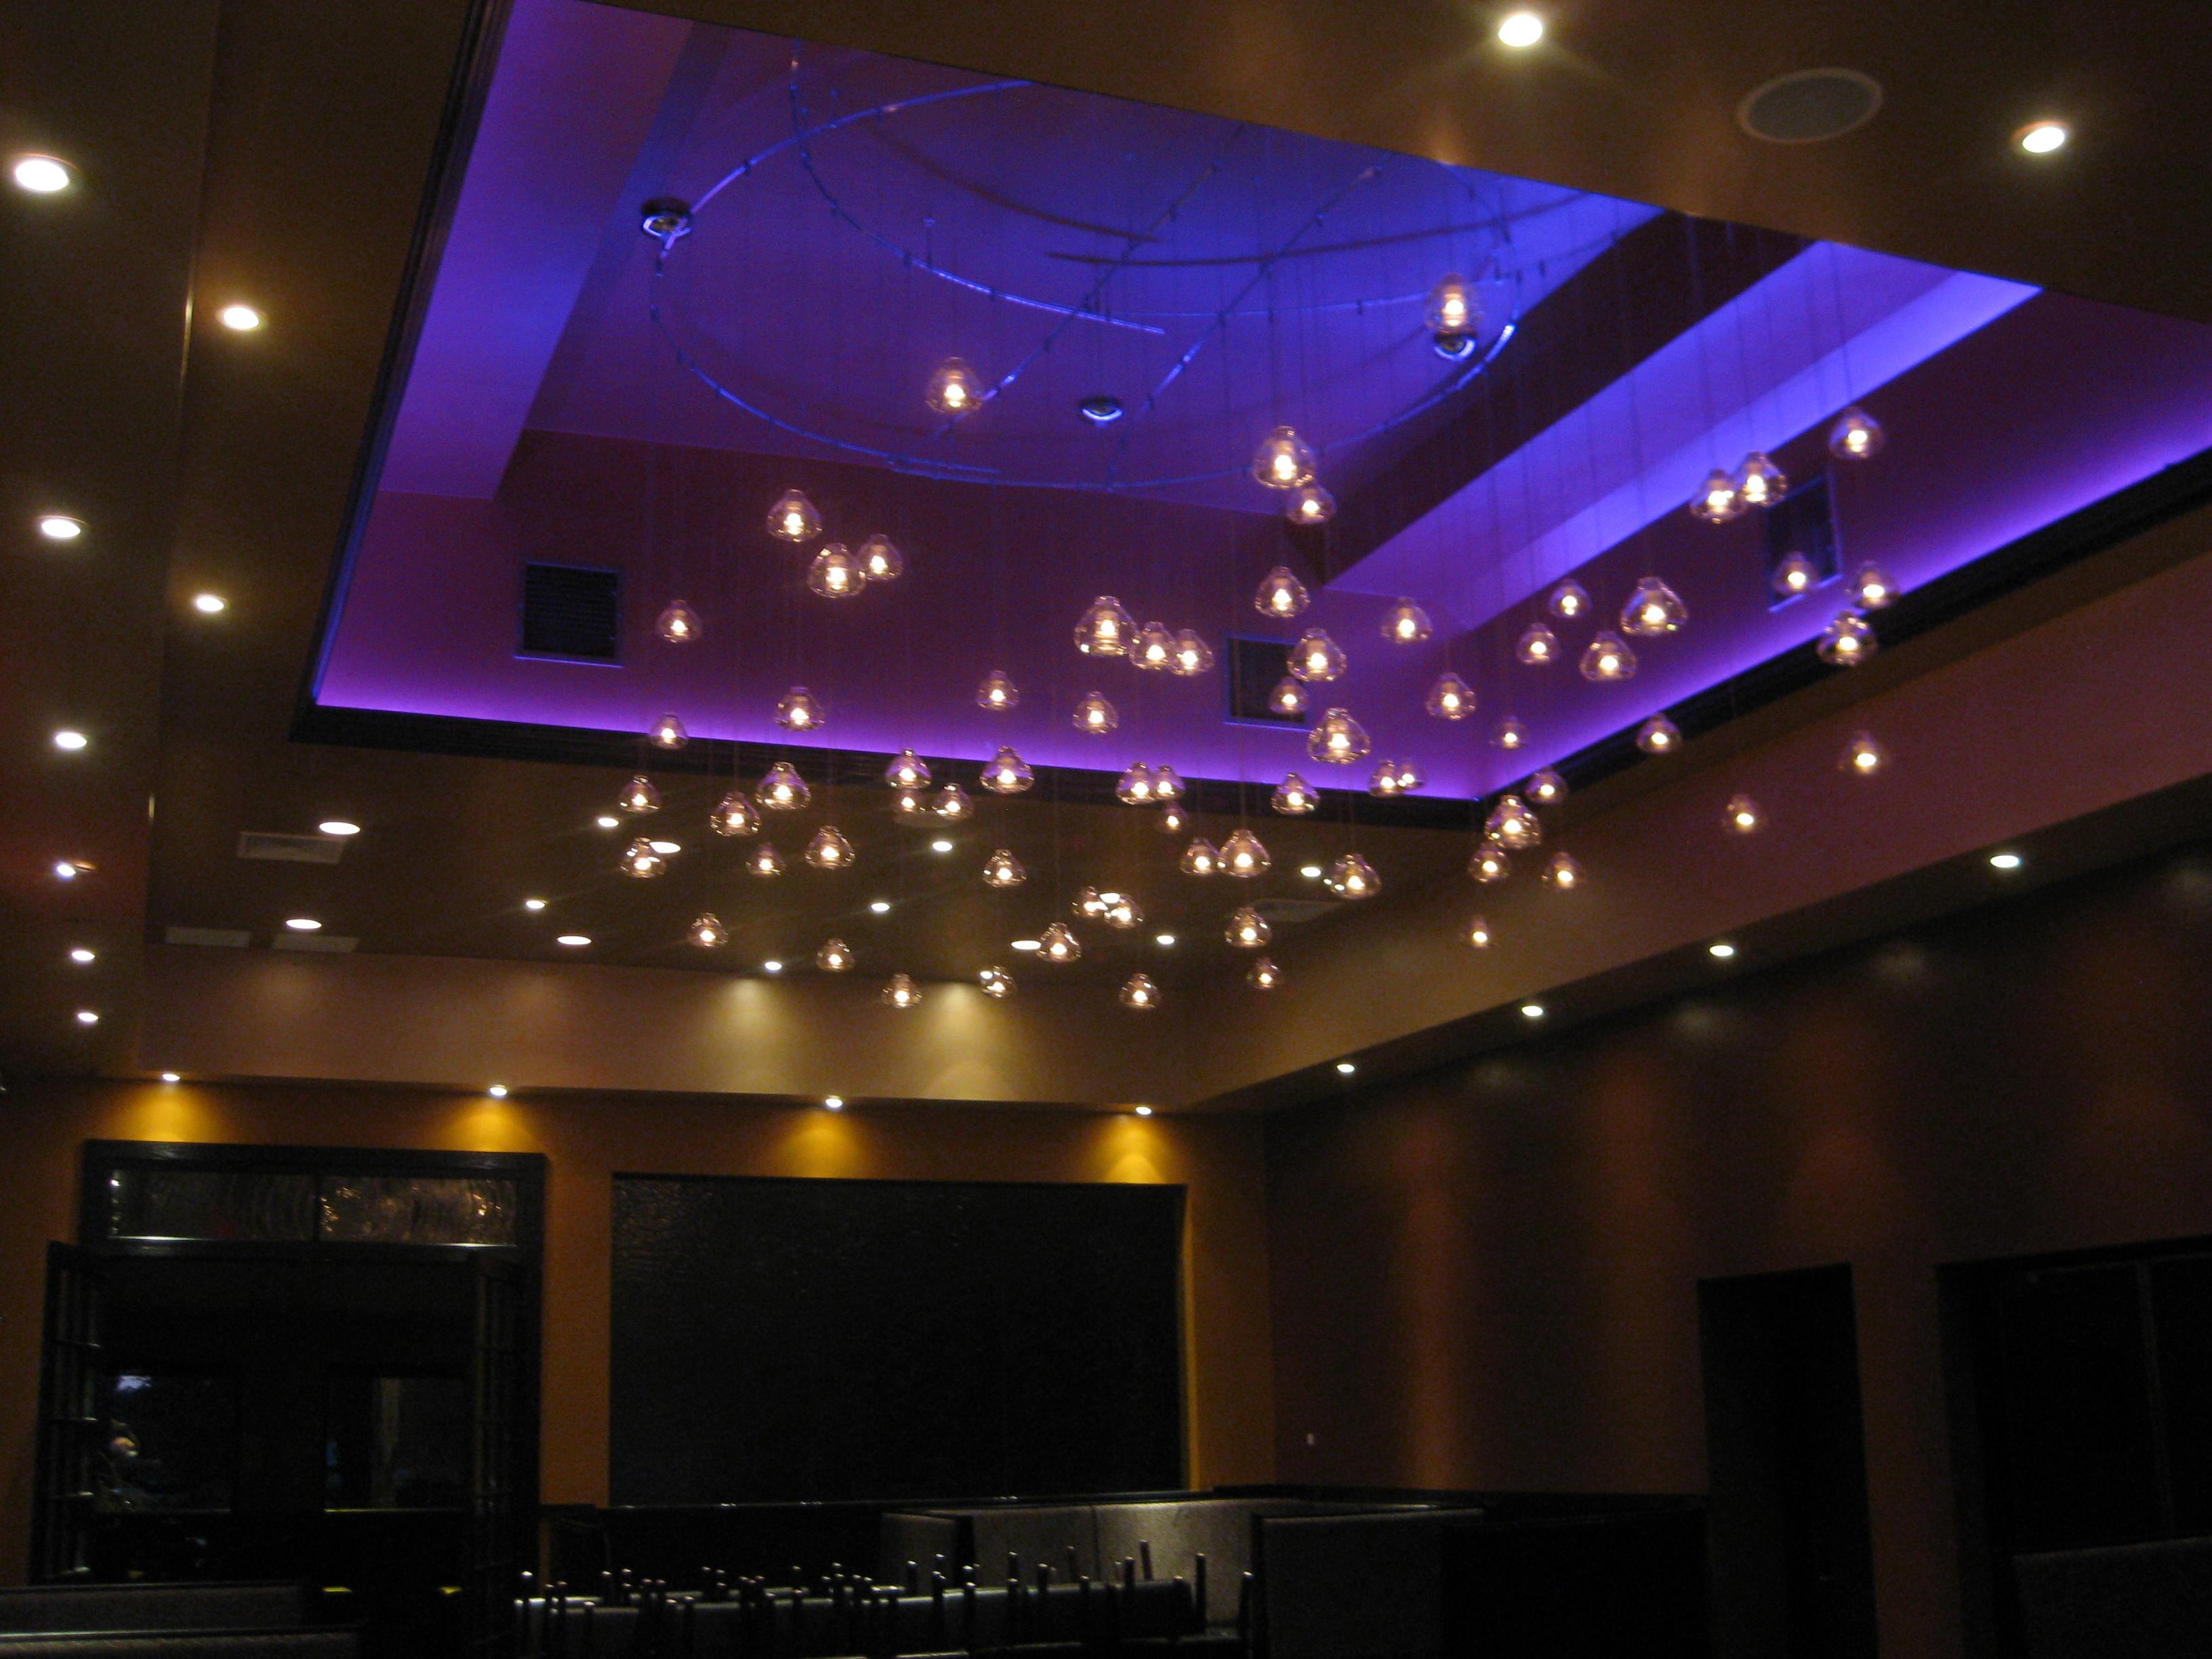 unique restaurant lighting ideas leds. restaurant ceiling lights photo 1 unique lighting ideas leds s